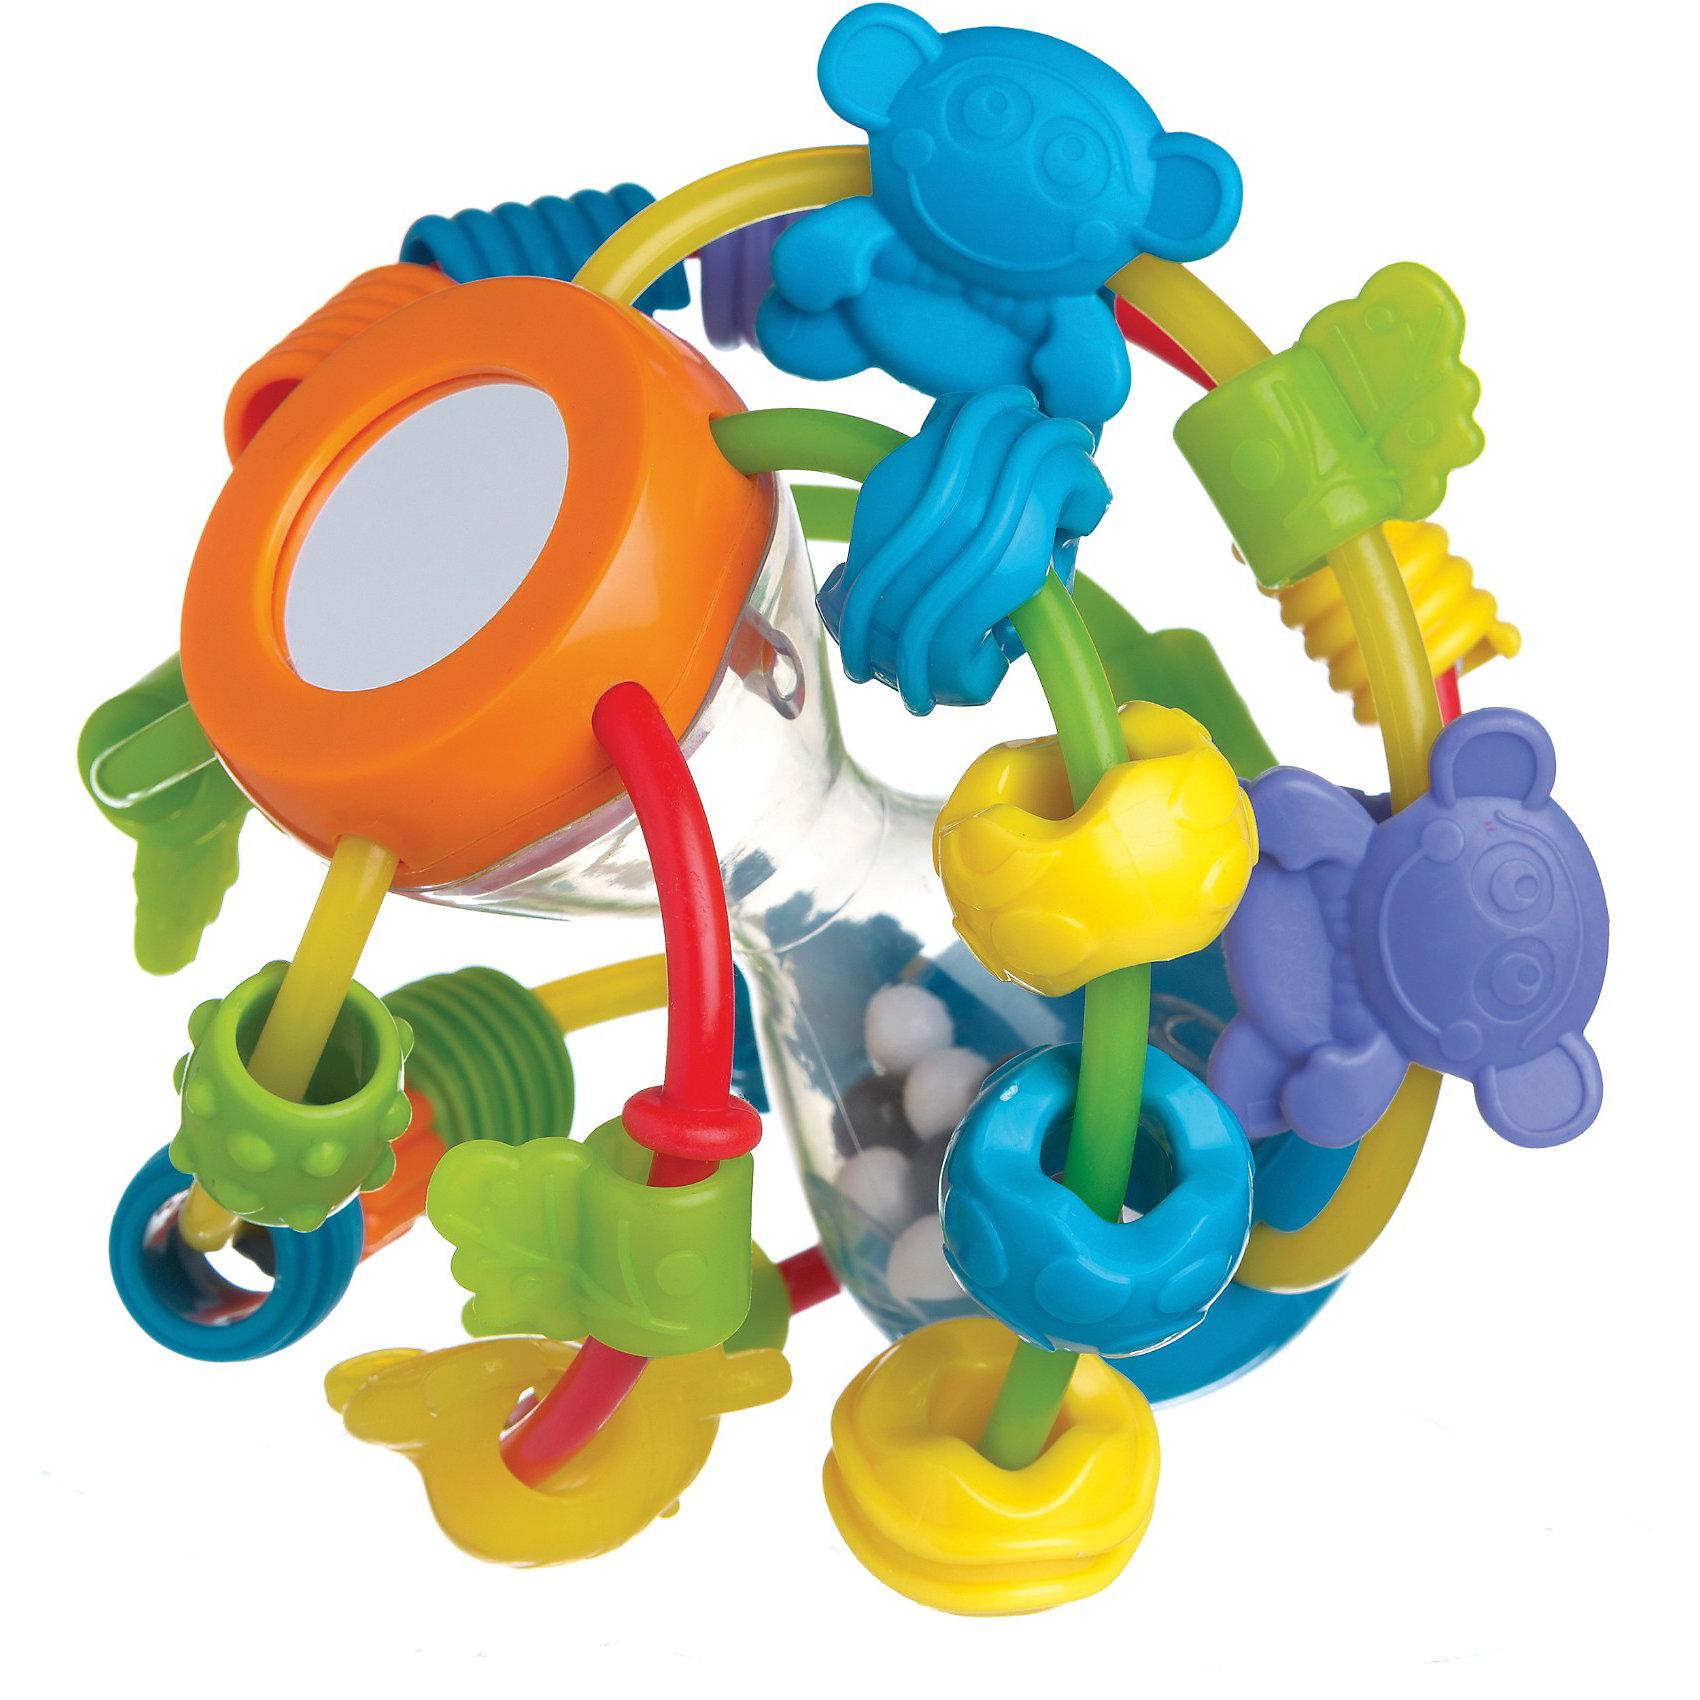 Развивающая игрушка ШАР, PlaygroИгрушки для малышей<br>Развивающая игрушка ШАР, Playgro (Плейгро) – эта яркая, красивая игрушка обязательно привлечет внимание Вашего малыша. Шар имеет прозрачное основание в виде песочных часов, по которому с веселым треском перекатываются черно-белые шарики. На пластиковые прутики, тянущиеся от верхней части основания к нижней, нанизано множество бусинок и фигурок разных цветов и форм, которые можно передвигать. Игрушка поможет ребенку развить мелкую моторику рук, зрительное и слуховое восприятие, тактильные ощущения и координацию движений. Изготовлена из гипоаллергенных и безопасных материалов.<br><br>Дополнительная информация:<br><br>- Размер: 19x26x17 см.<br>- Материал: пластик<br><br>Развивающую игрушку ШАР, Playgro (Плейгро) можно купить в нашем интернет-магазине.<br><br>Ширина мм: 140<br>Глубина мм: 125<br>Высота мм: 180<br>Вес г: 290<br>Возраст от месяцев: 6<br>Возраст до месяцев: 18<br>Пол: Унисекс<br>Возраст: Детский<br>SKU: 3775857